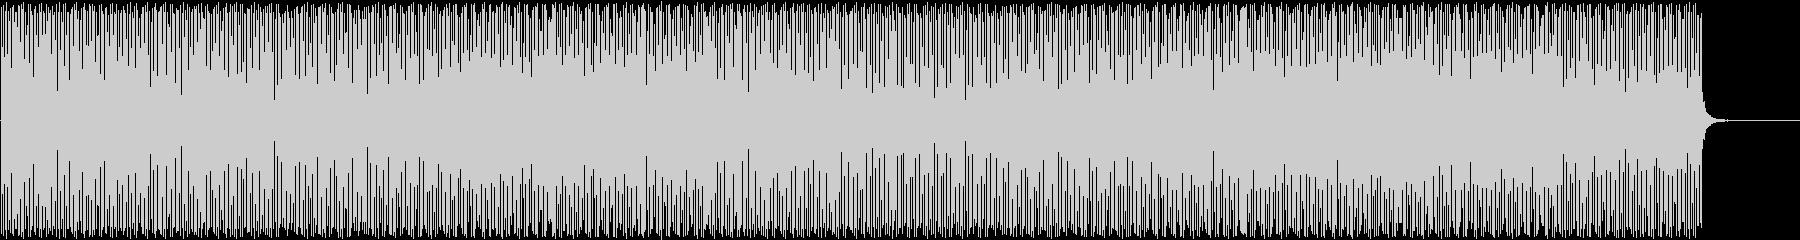 納涼リゾートハウスミュージックの未再生の波形